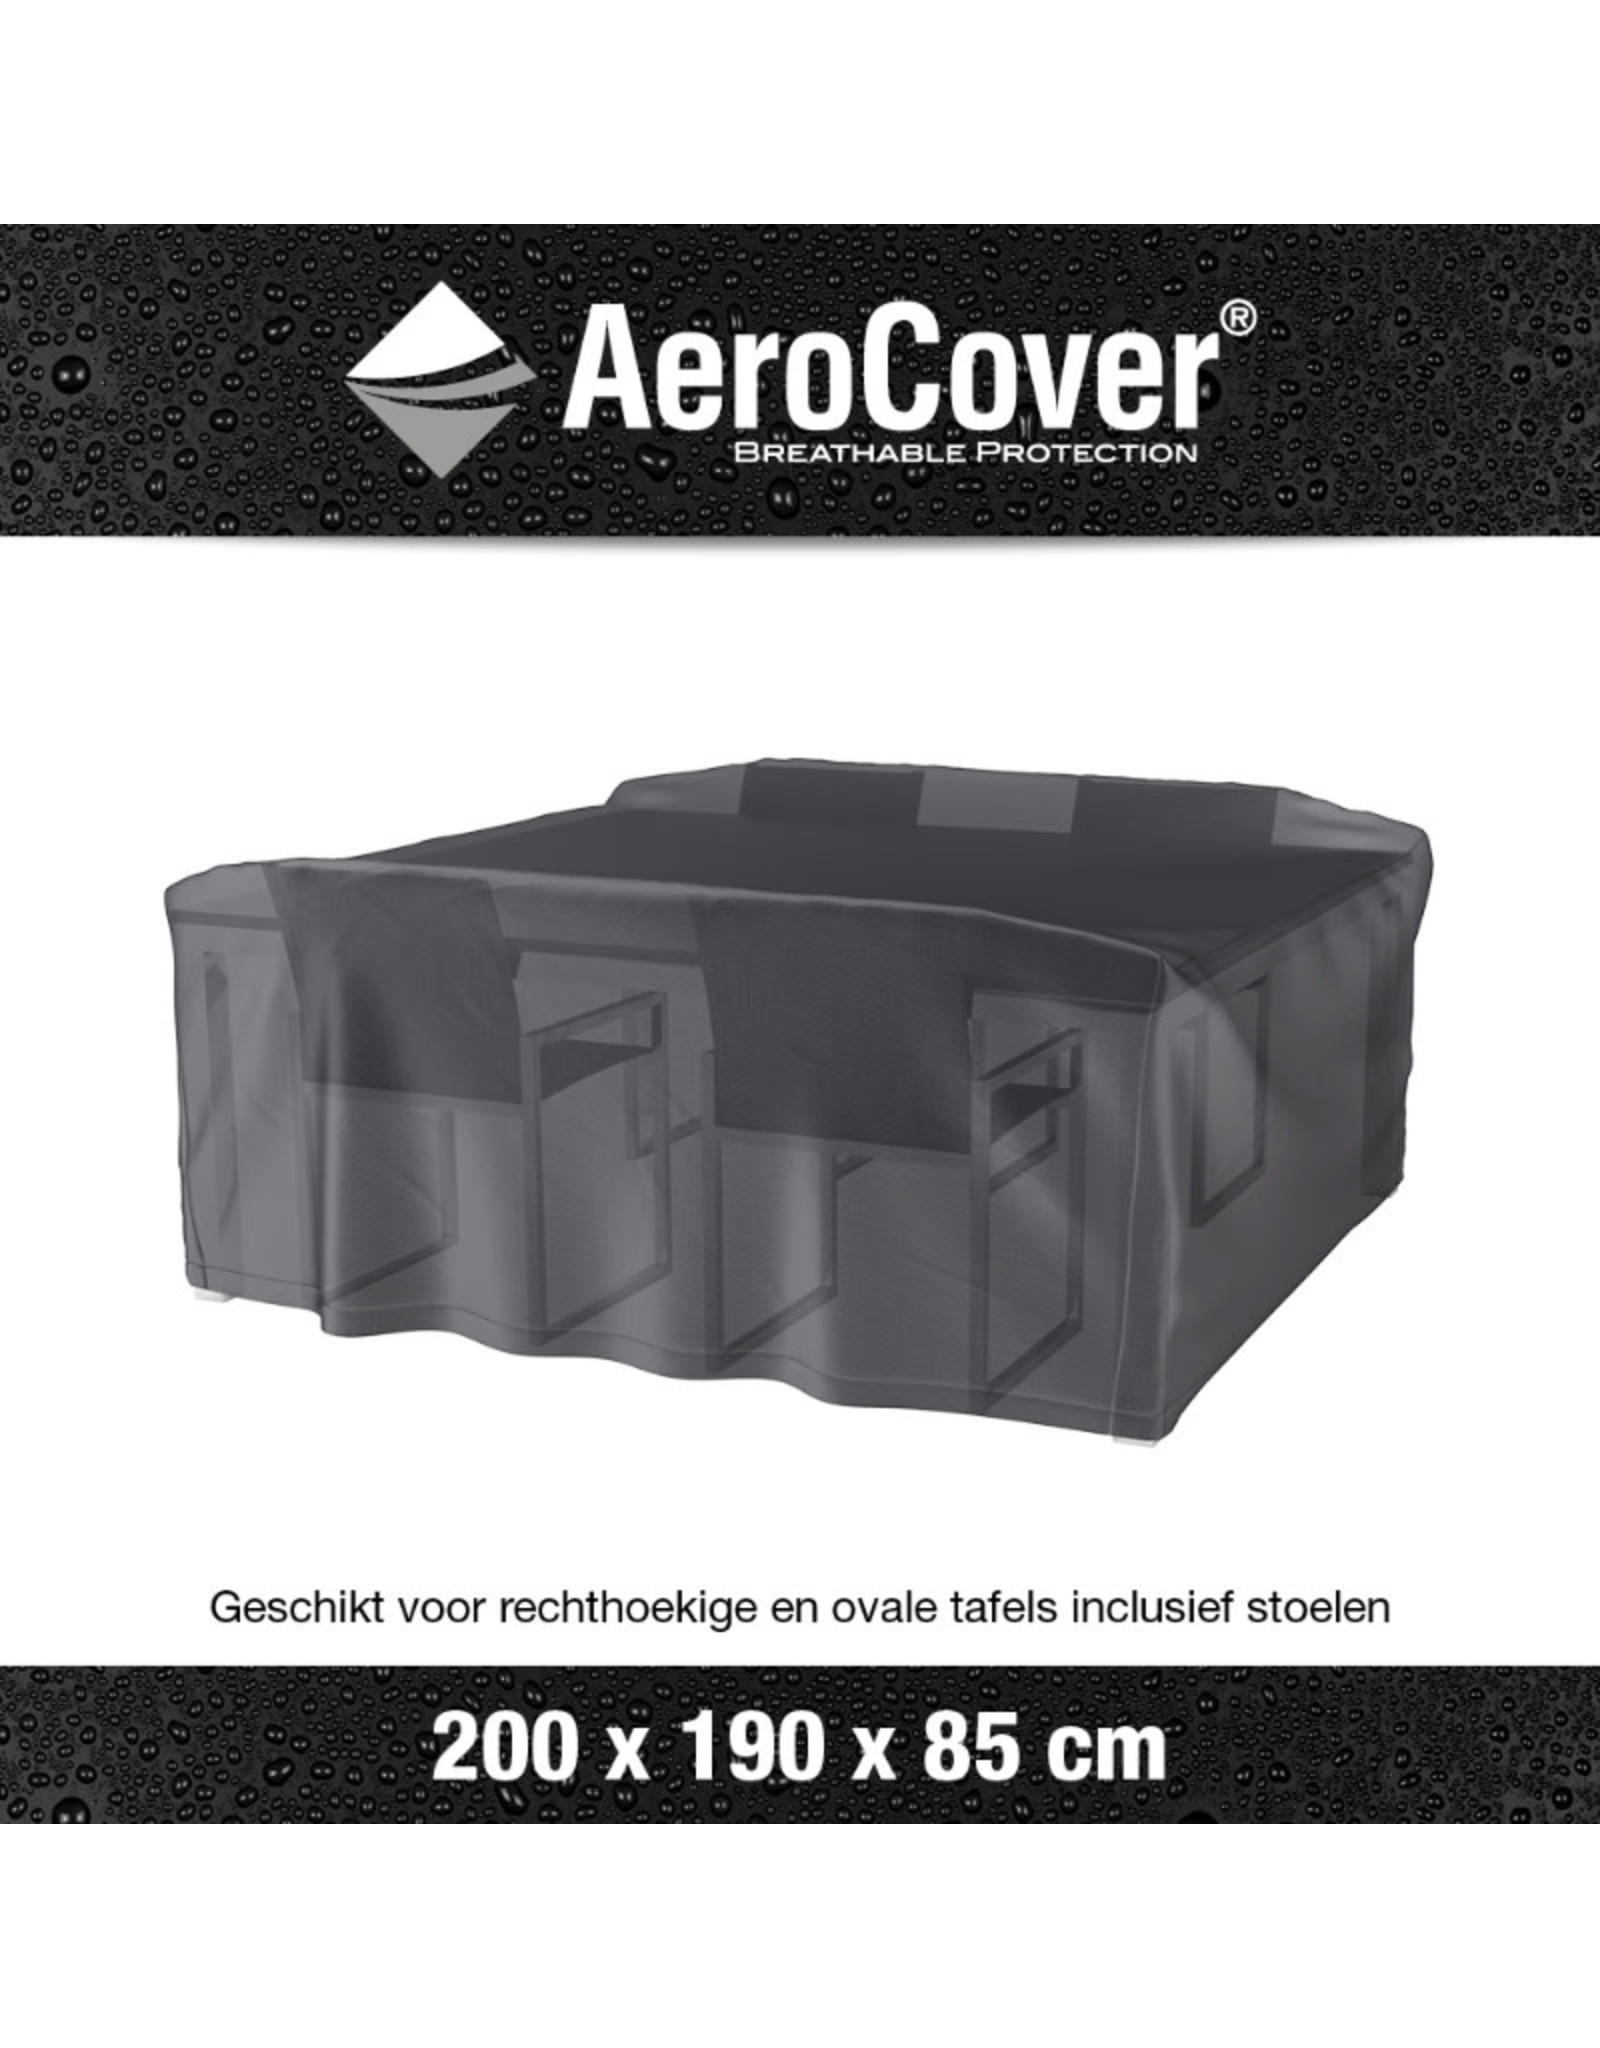 Aerocover AeroCover Garden set cover 200x190xH85